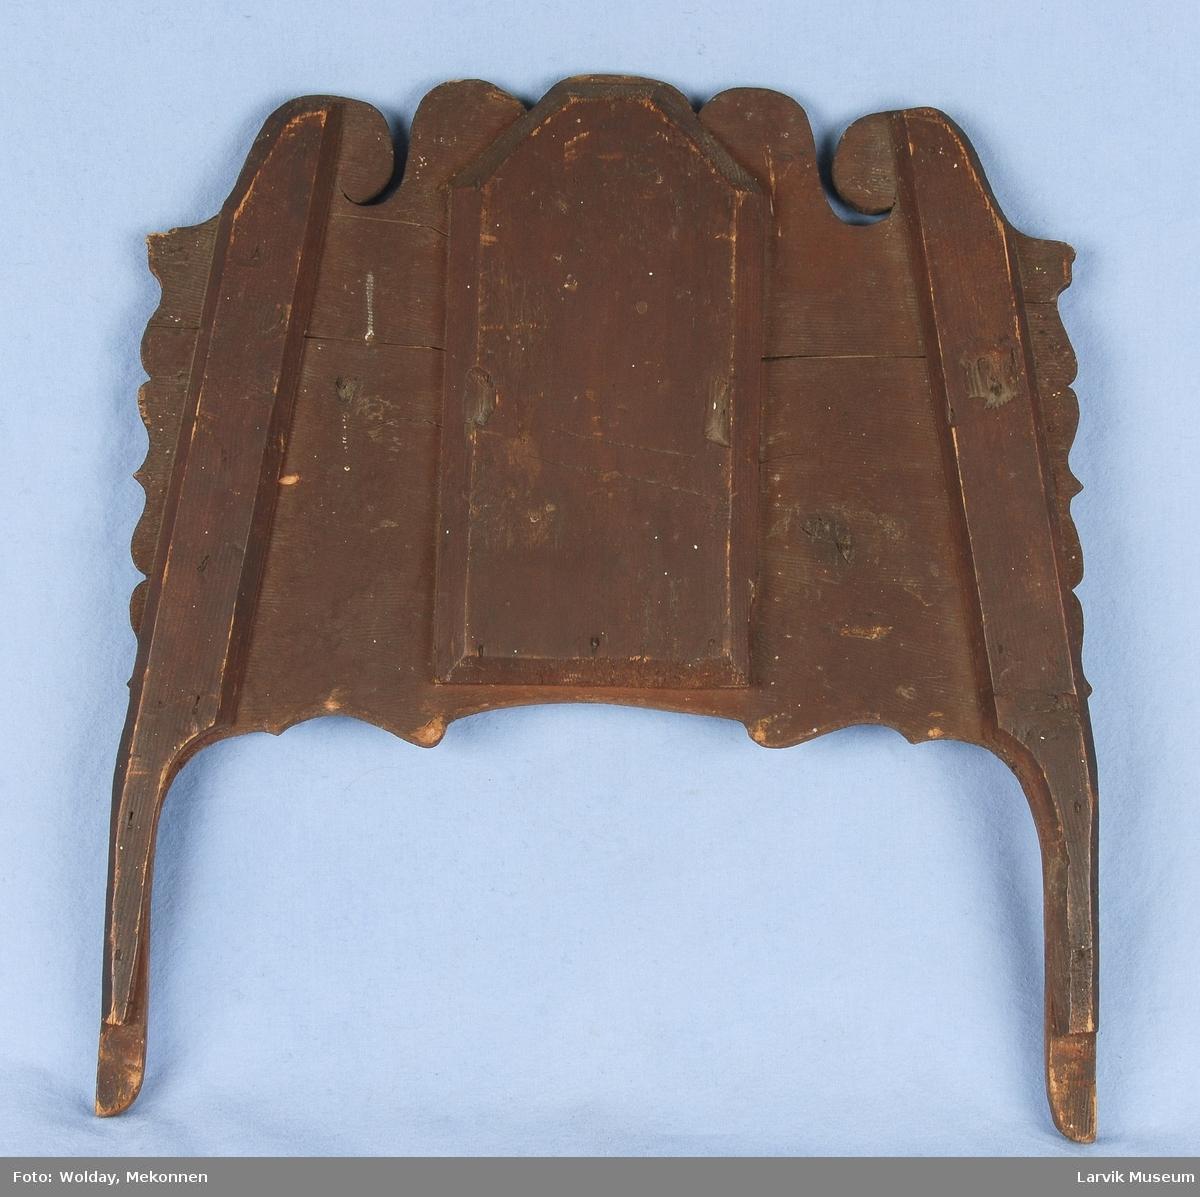 Form: Enkelt utskjærte kanter. snirklete med rett kant. Sirkelform på midten, med bladdekor. Pyntedelen på toppen av en speilramme.